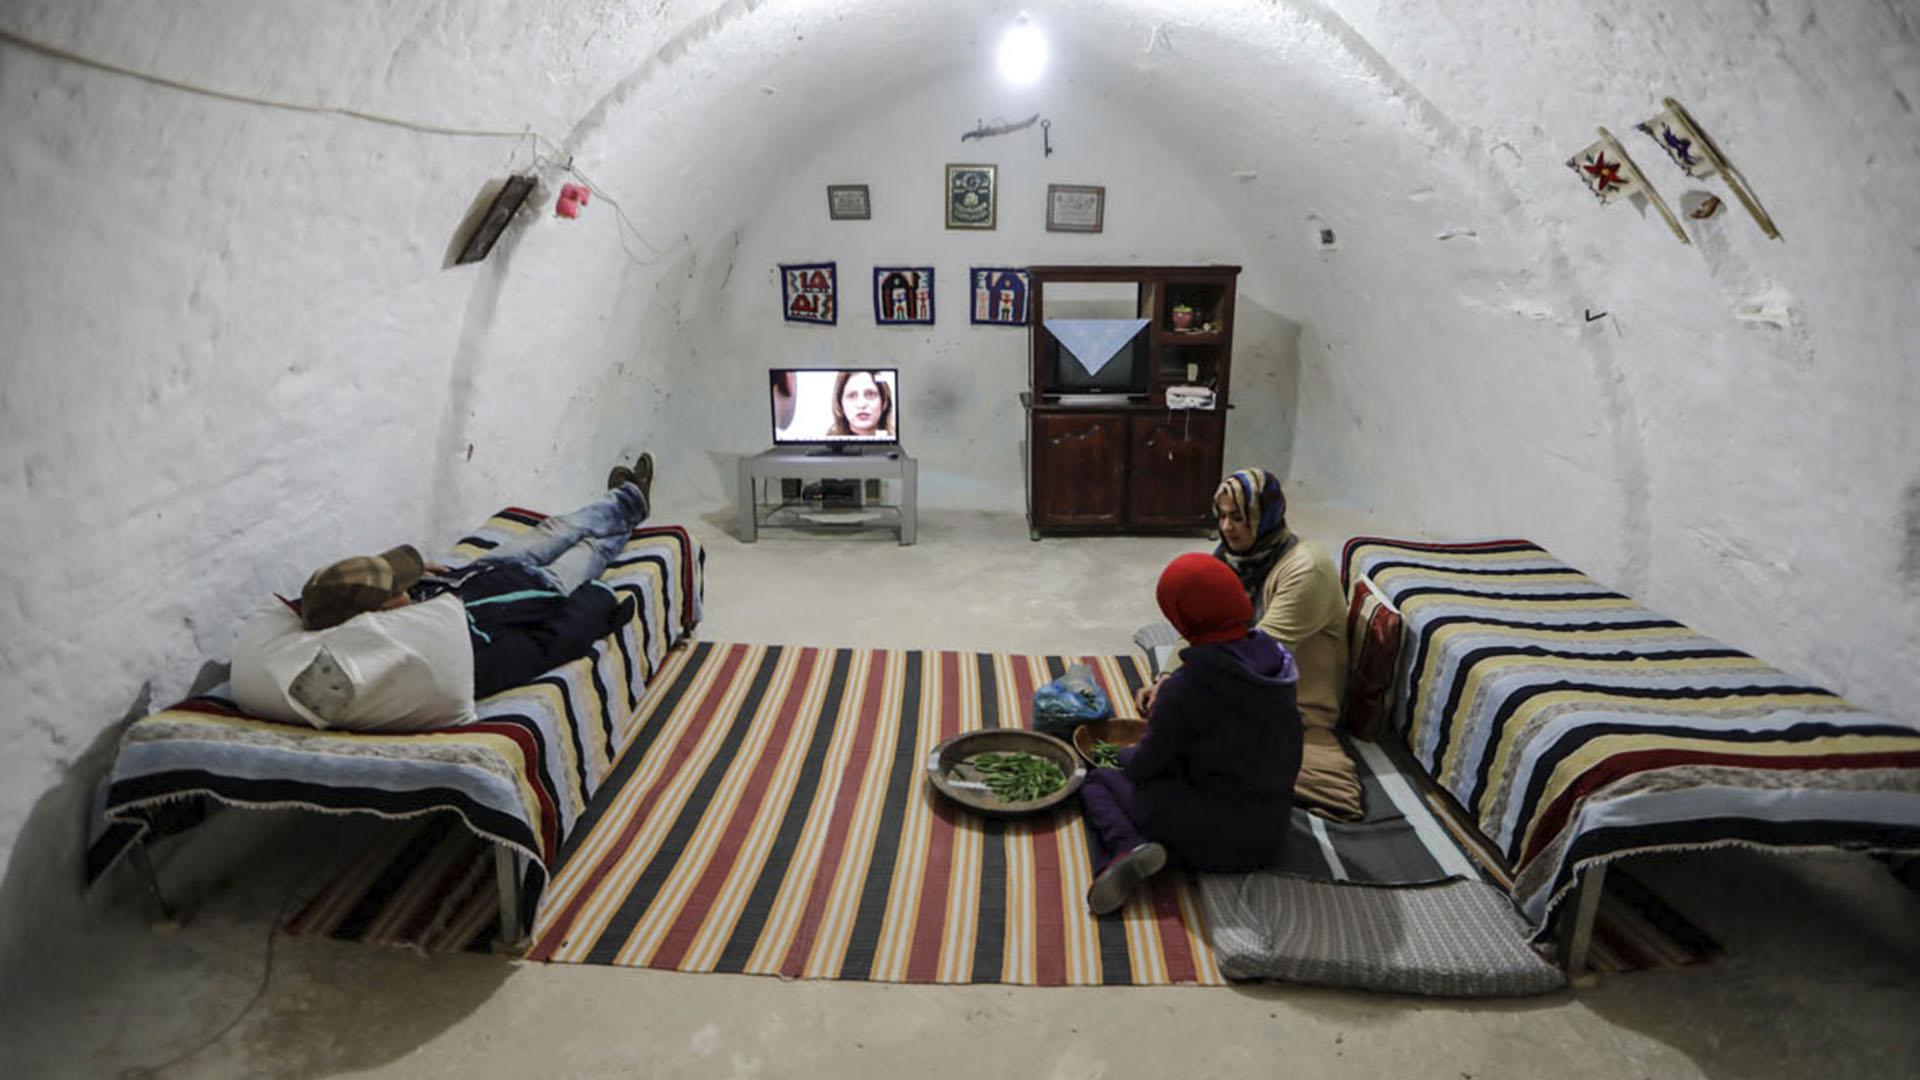 Madre e hija pelan vainas de guisantes mientras el hijo mira televisión